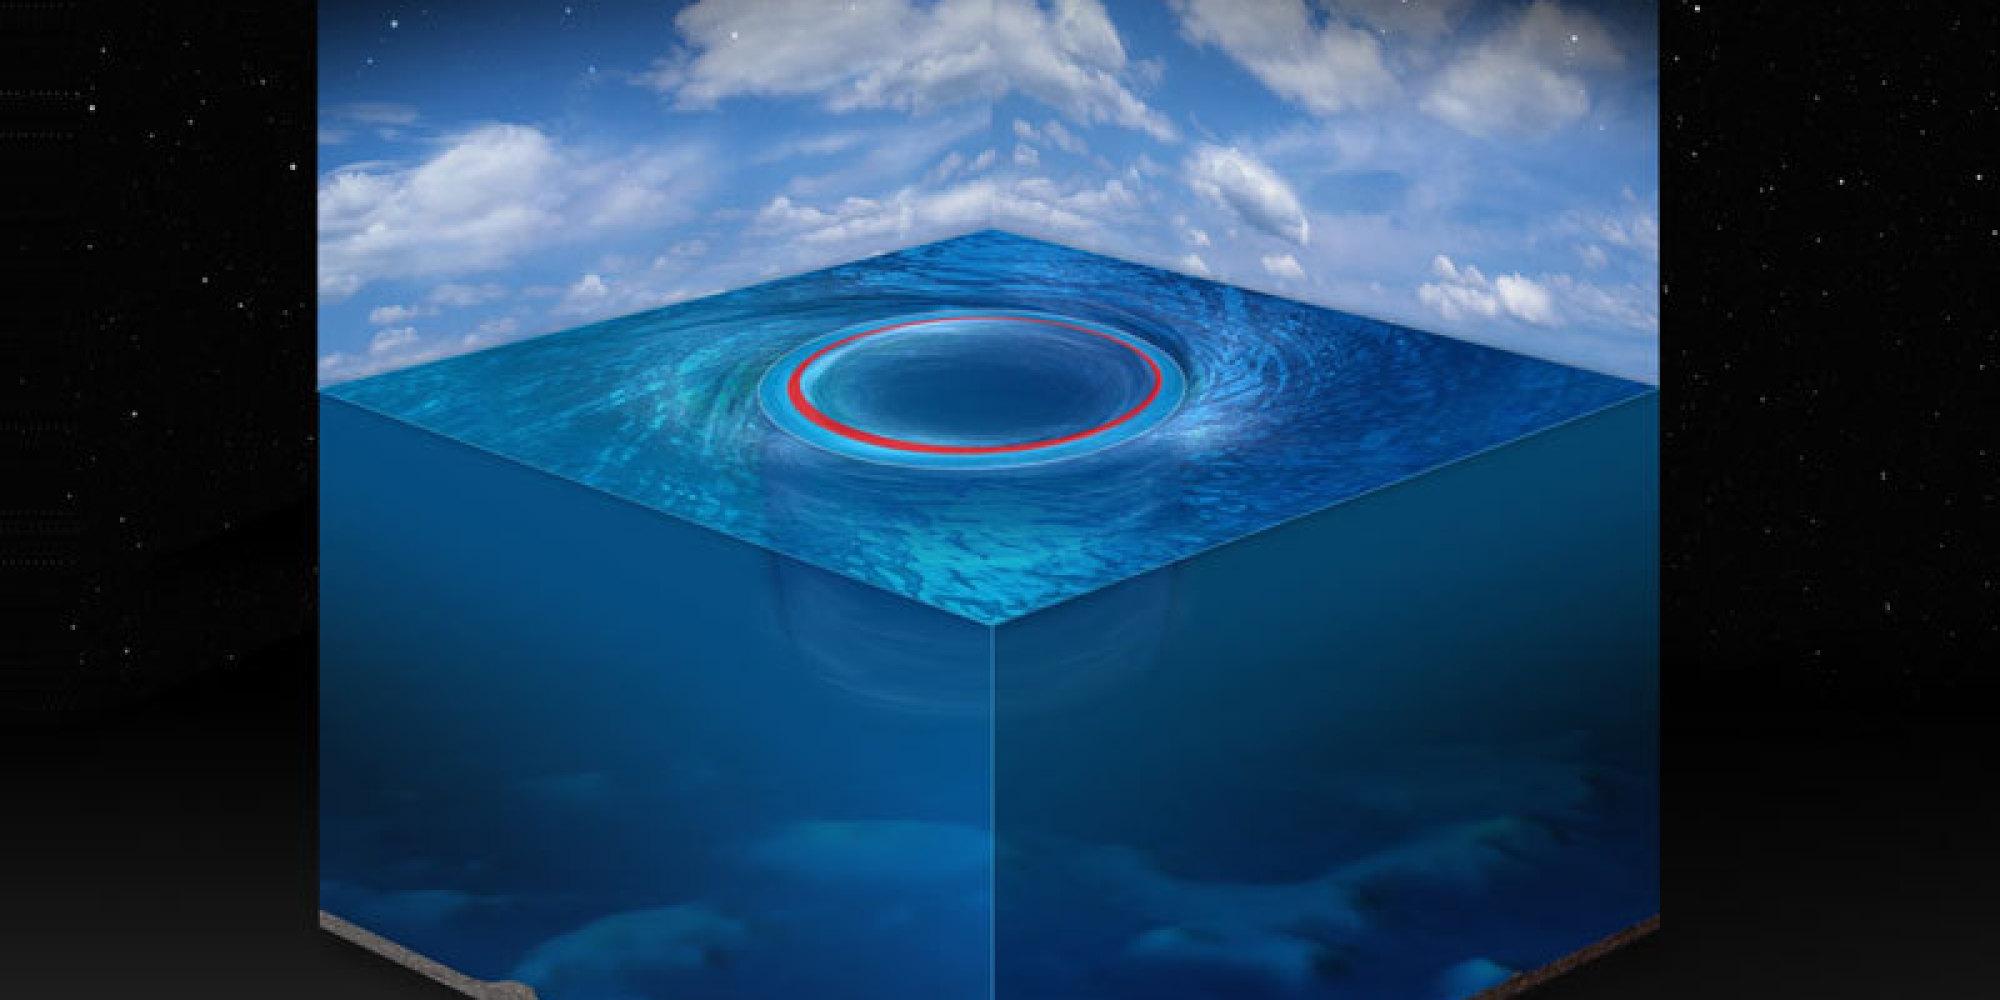 чёрная дыра в океане мужское термобелье мужское